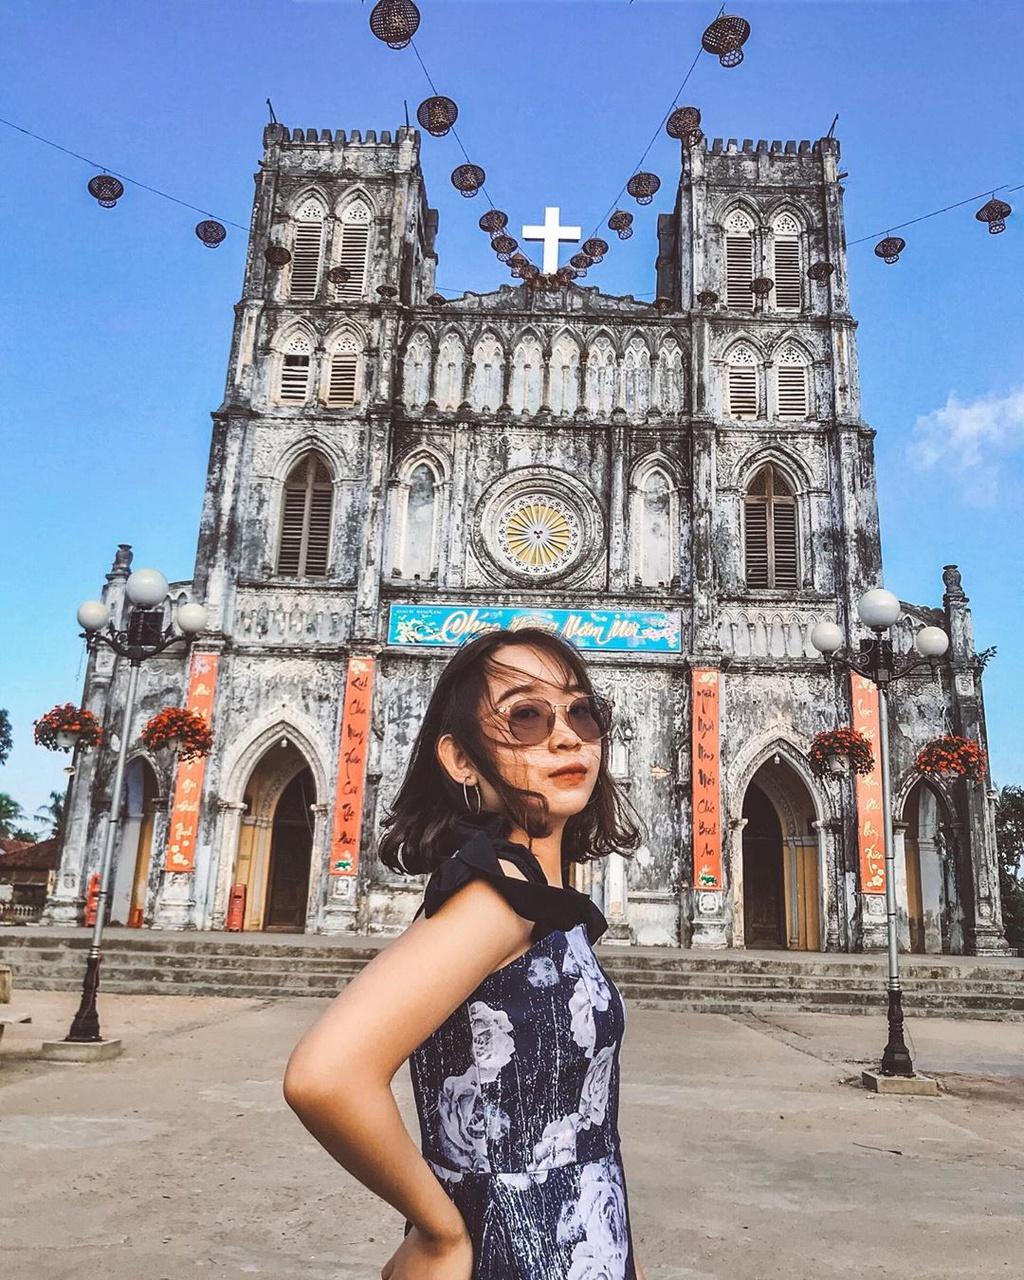 Nằm ở xã An Thạch, huyện Tuy An, nhà thờ Mằng Lăng là một trong những nhà thờ lâu đời, nổi tiếng Việt Nam. Được thiết kế theo kiến trúc cổ xưa, các hoạ tiết được thể hiện tinh tế. Không gian bên trong thánh đường khá giống các nhà thờ Gothic với hai hàng cột tạo thành các ô vòm liên hoàn. Giờ đây, khi đến Phú Yên nhà thờ là địa điểm khách du lịch lựa chọn ghé đến để dự lễ, check-in. Ảnh: Bornthisyv, hatrangngo.